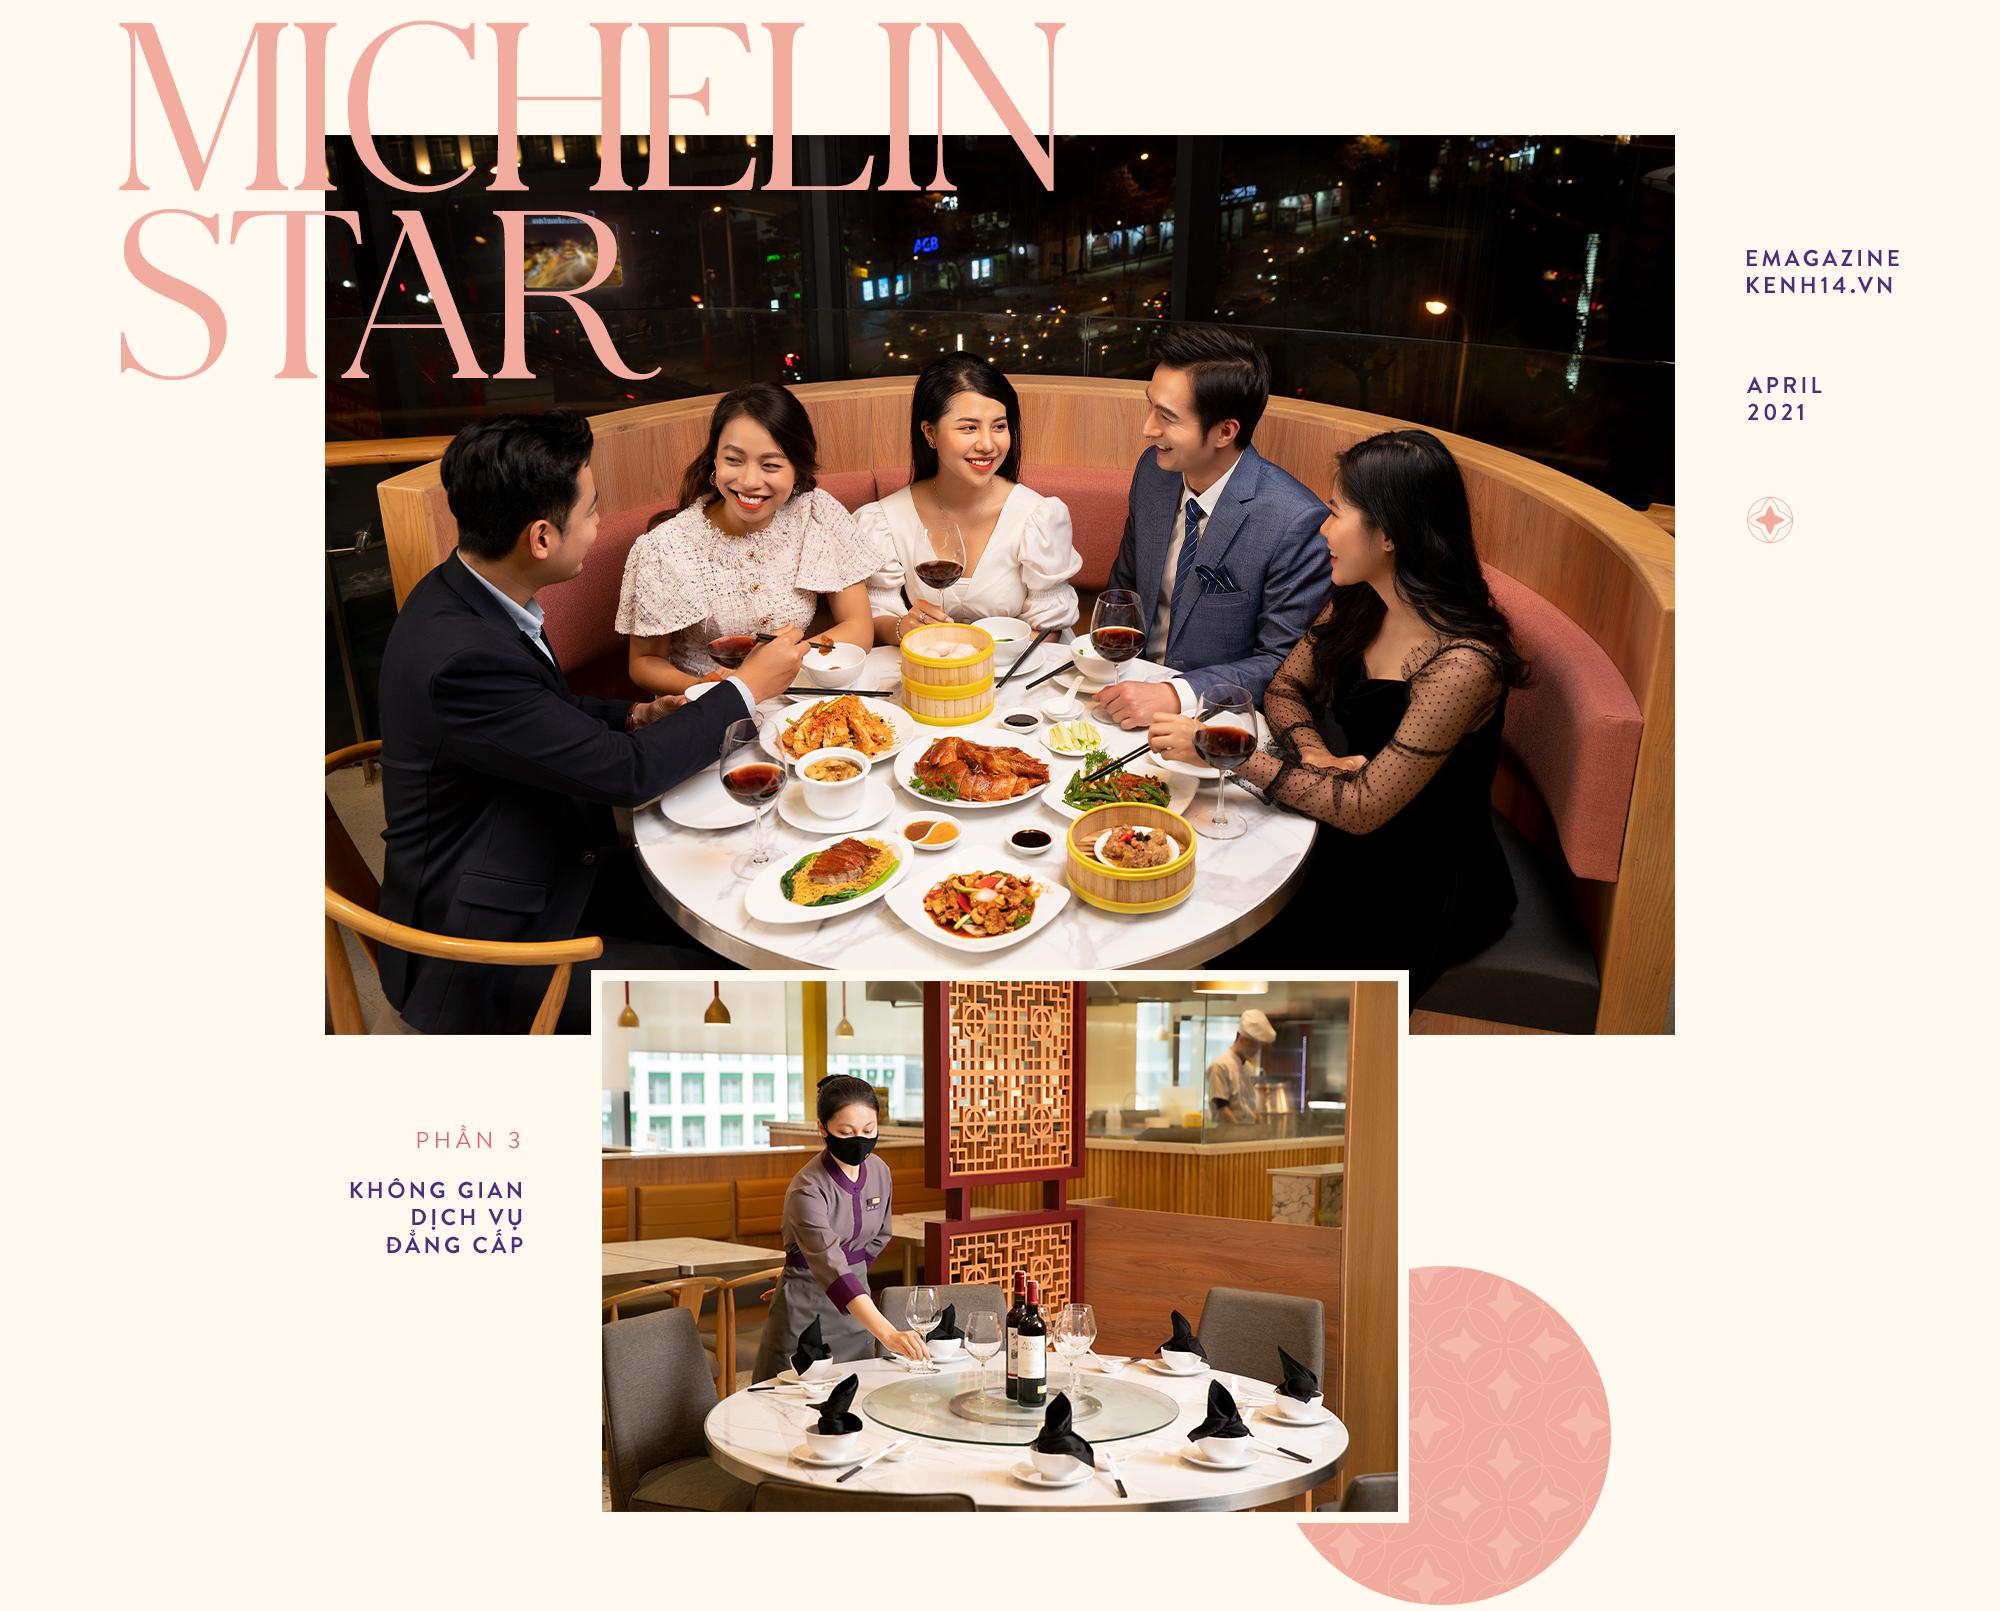 Hành trình mang phong vị ẩm thực Hồng Kông 30 năm đẳng cấp Michelin từ Singapore tới Hà Nội - Ảnh 11.